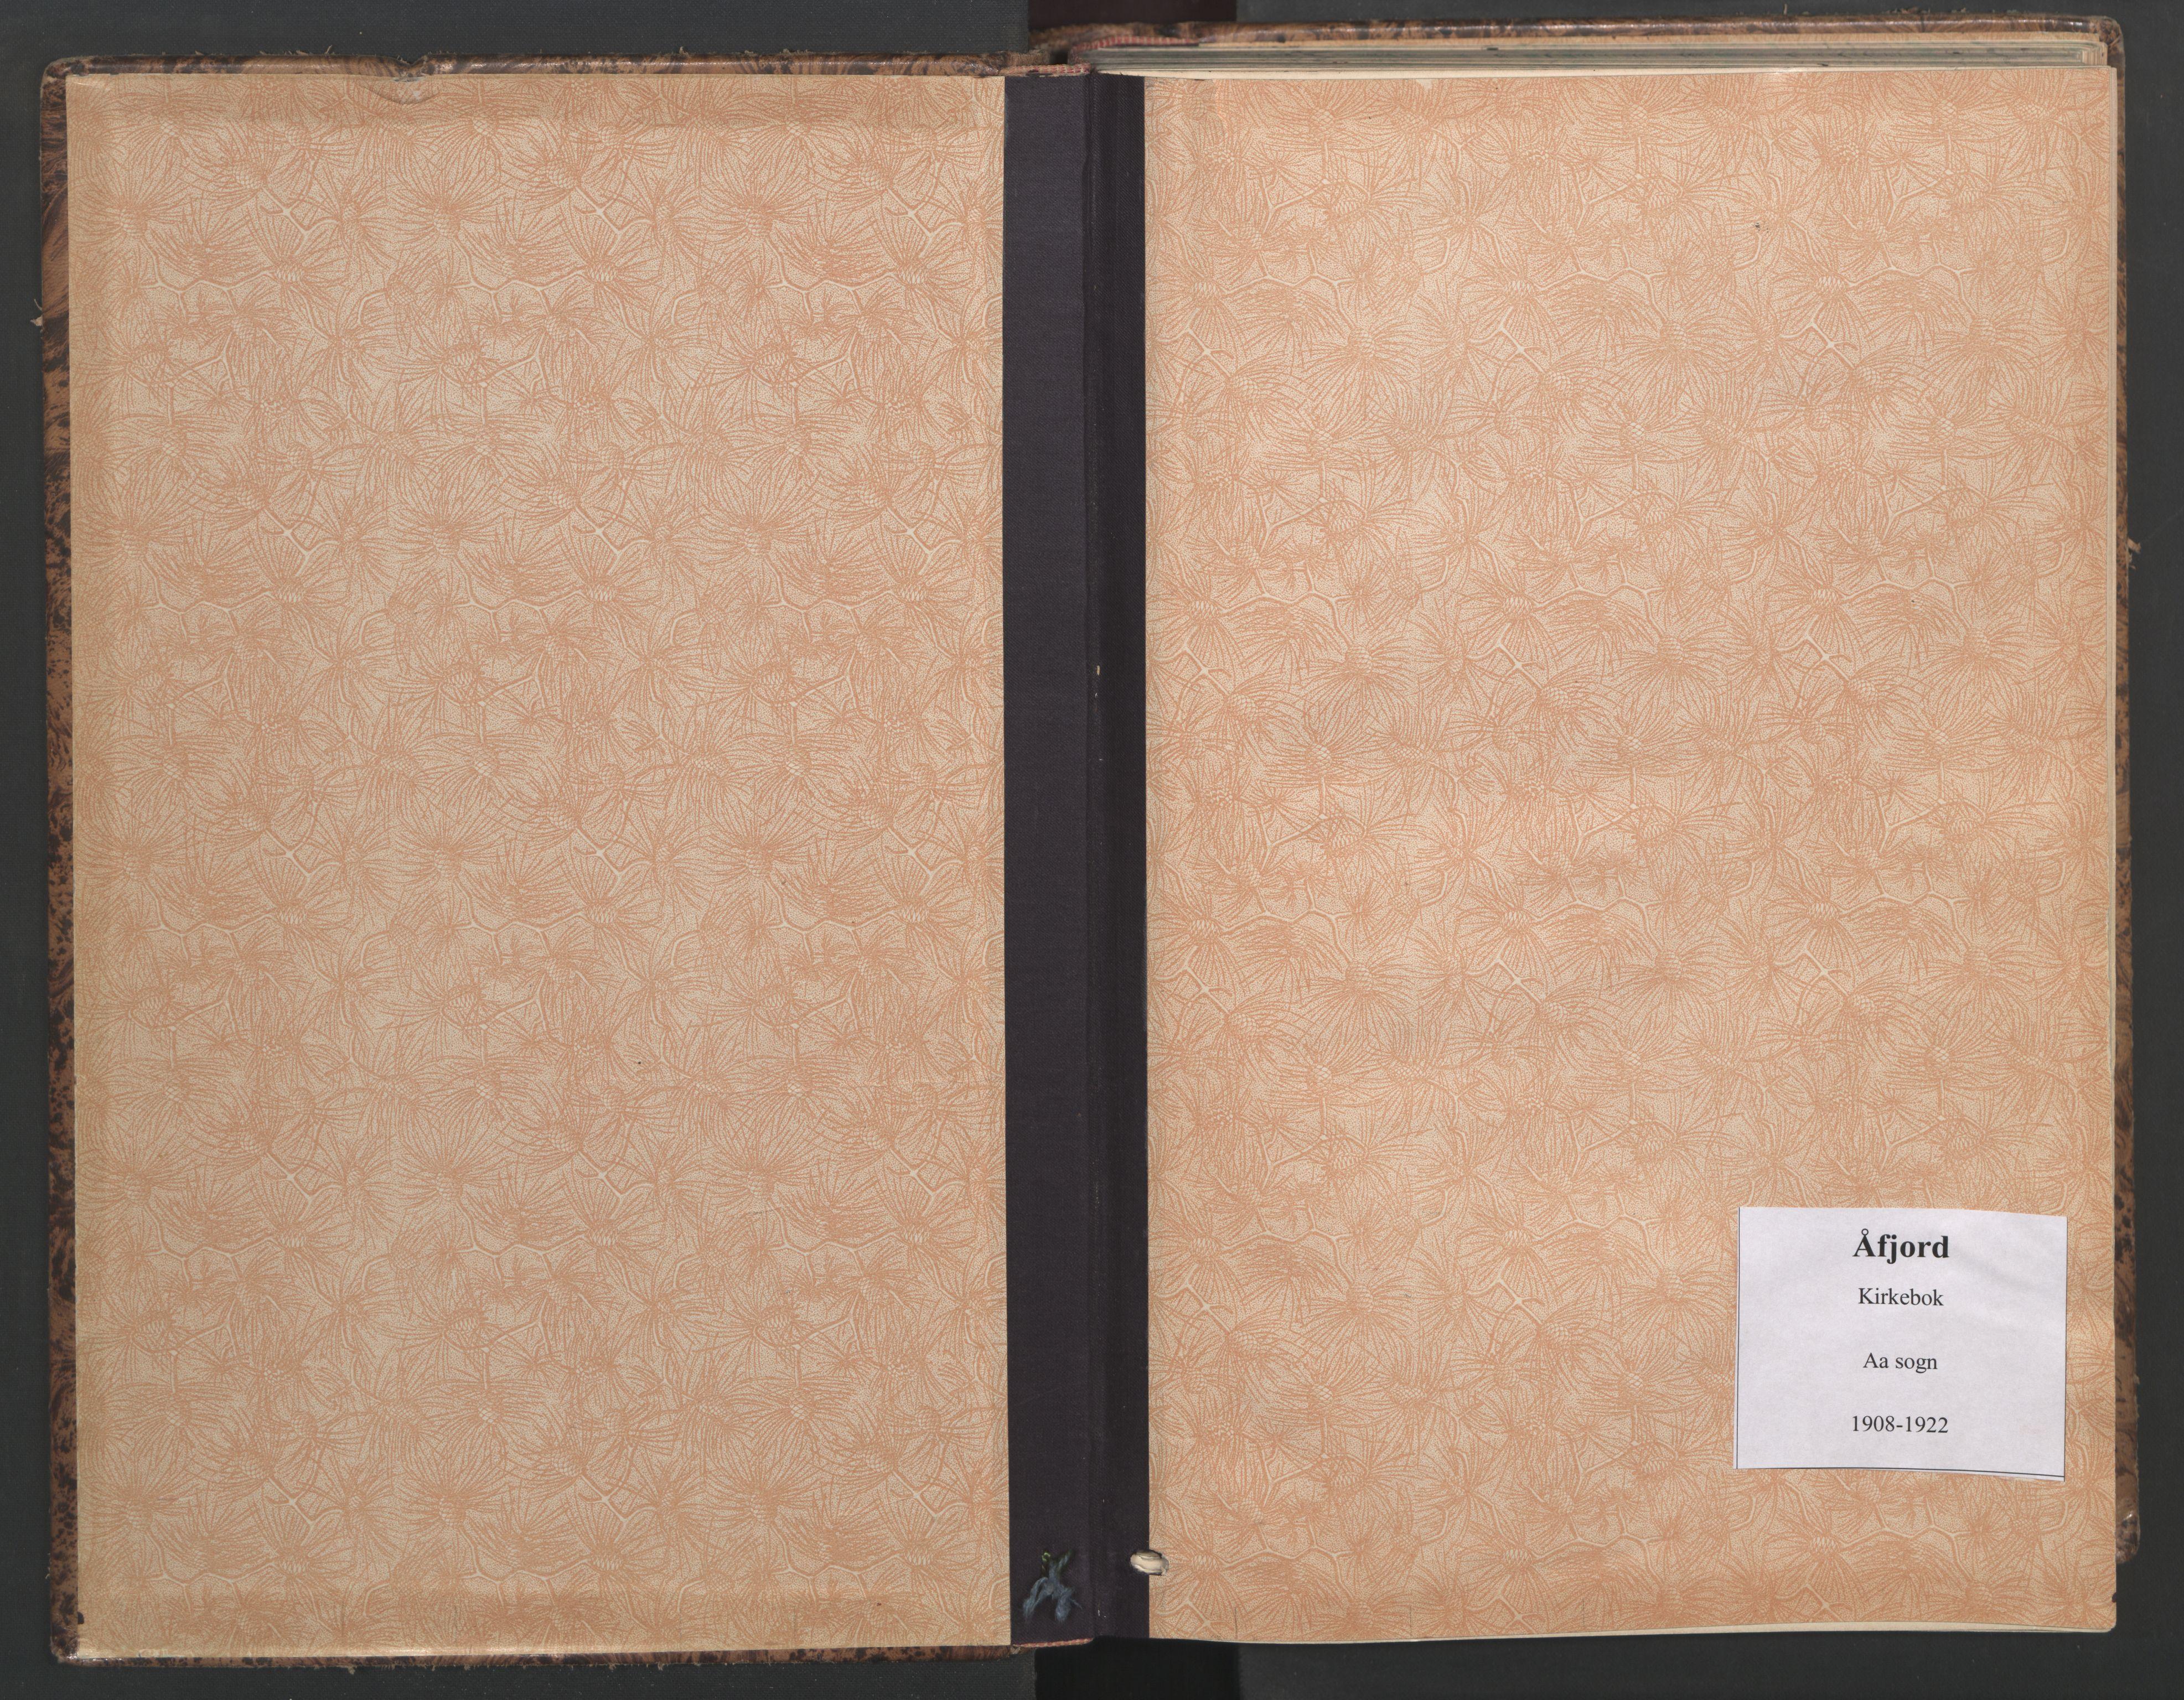 SAT, Ministerialprotokoller, klokkerbøker og fødselsregistre - Sør-Trøndelag, 655/L0682: Ministerialbok nr. 655A11, 1908-1922